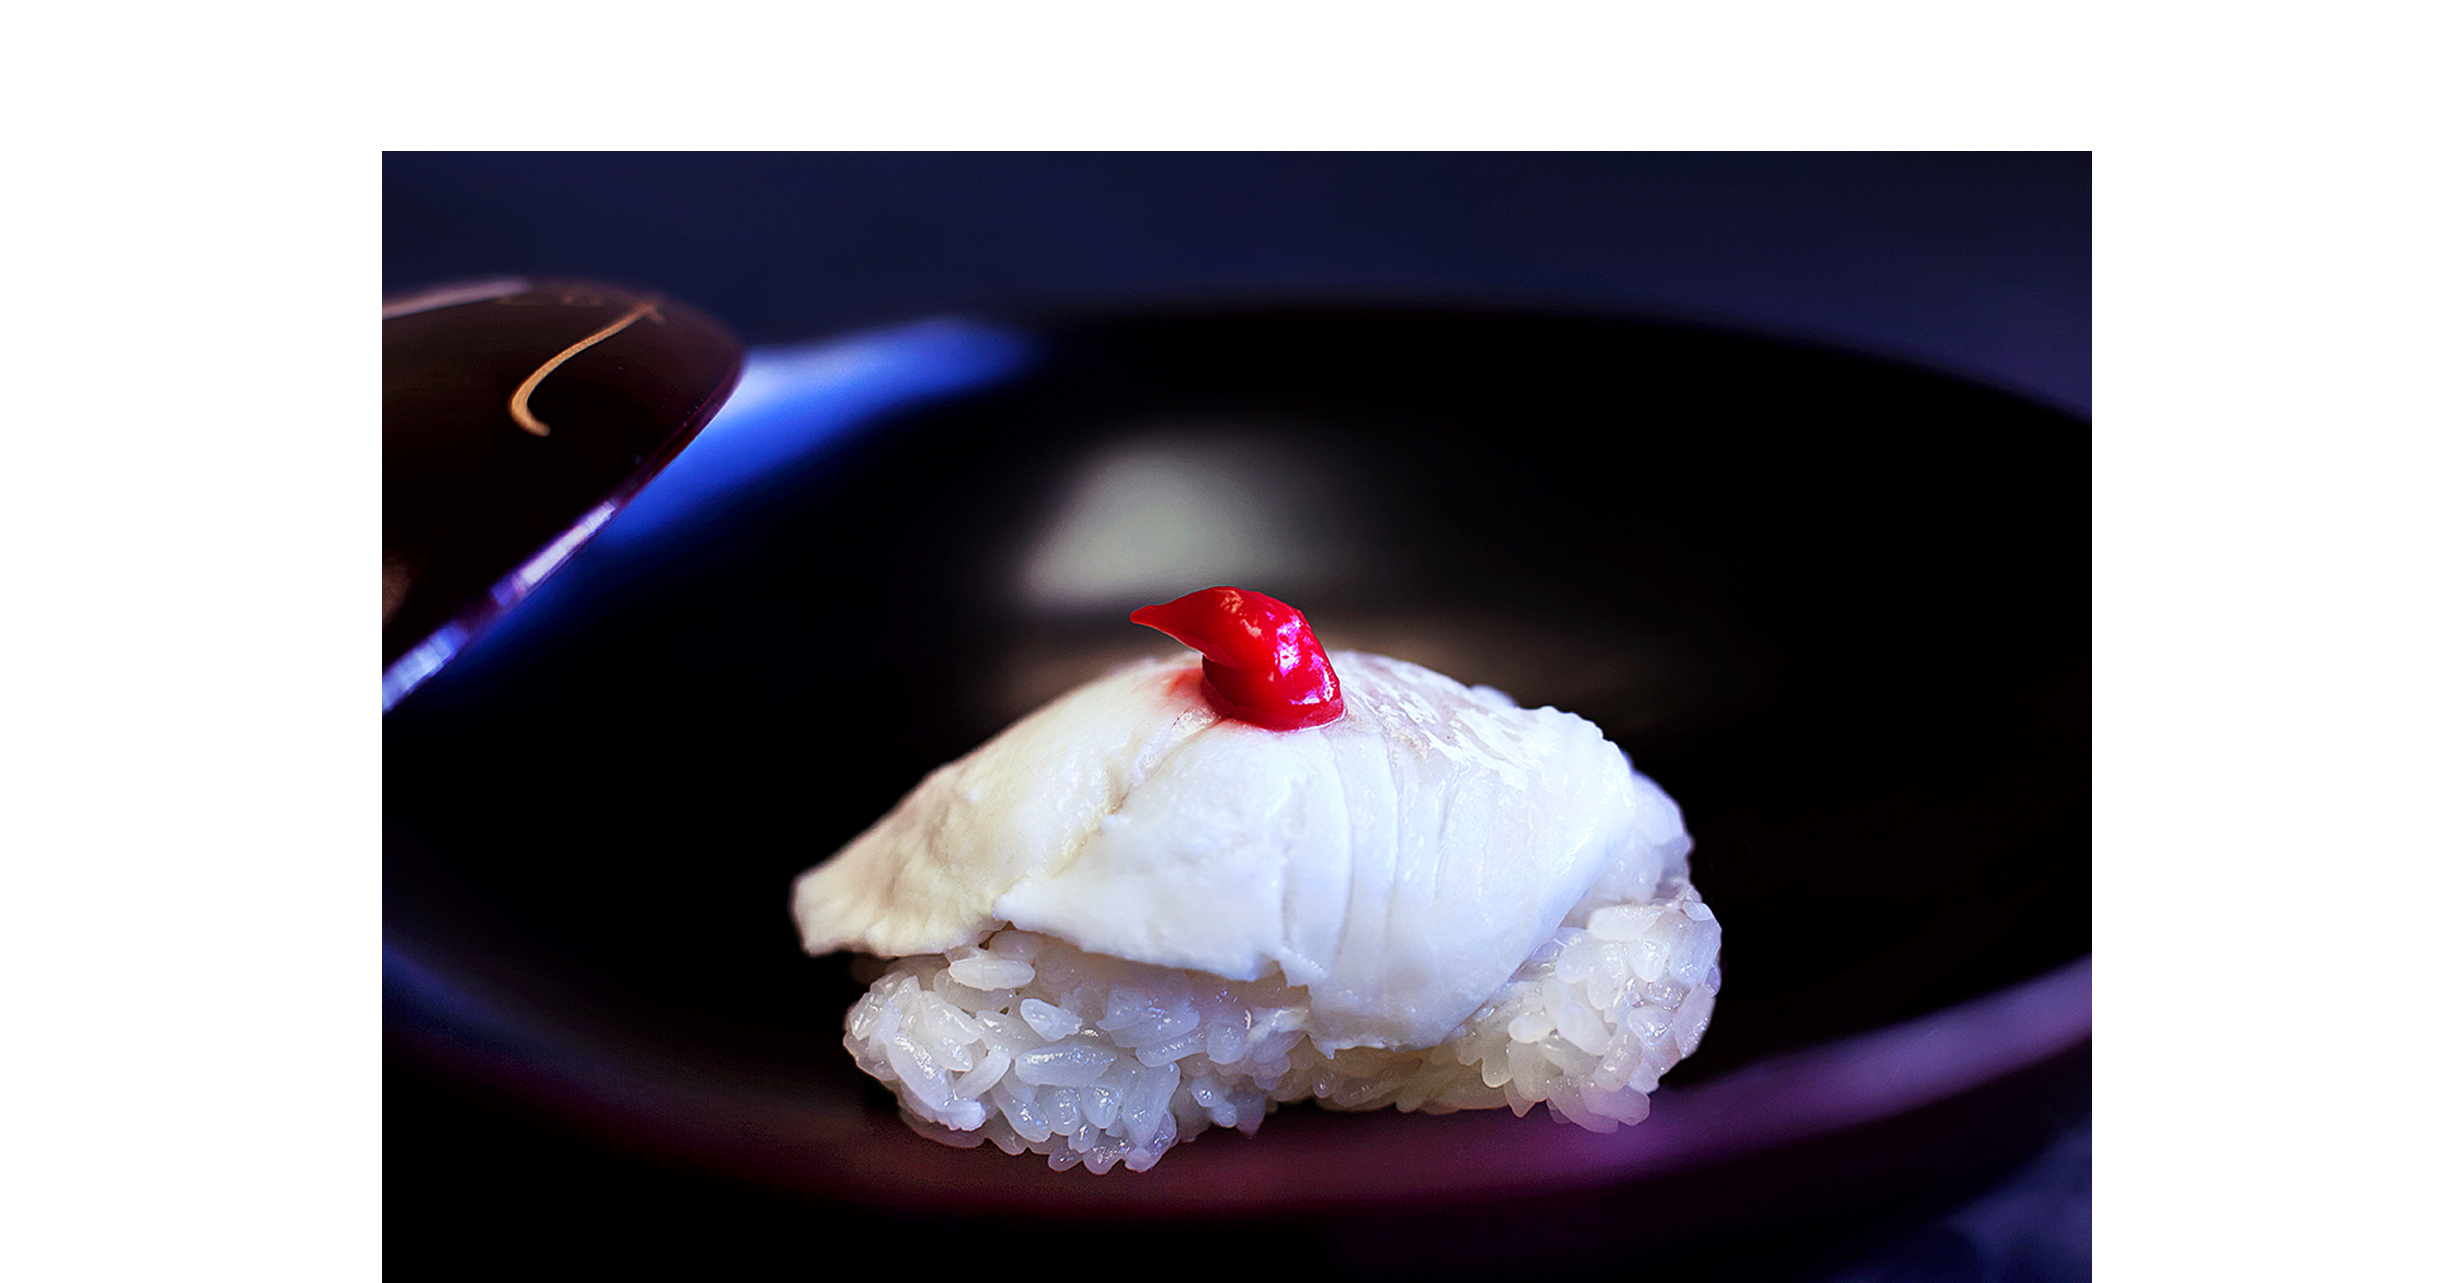 14.bizen sushi rolls opening1920x1000